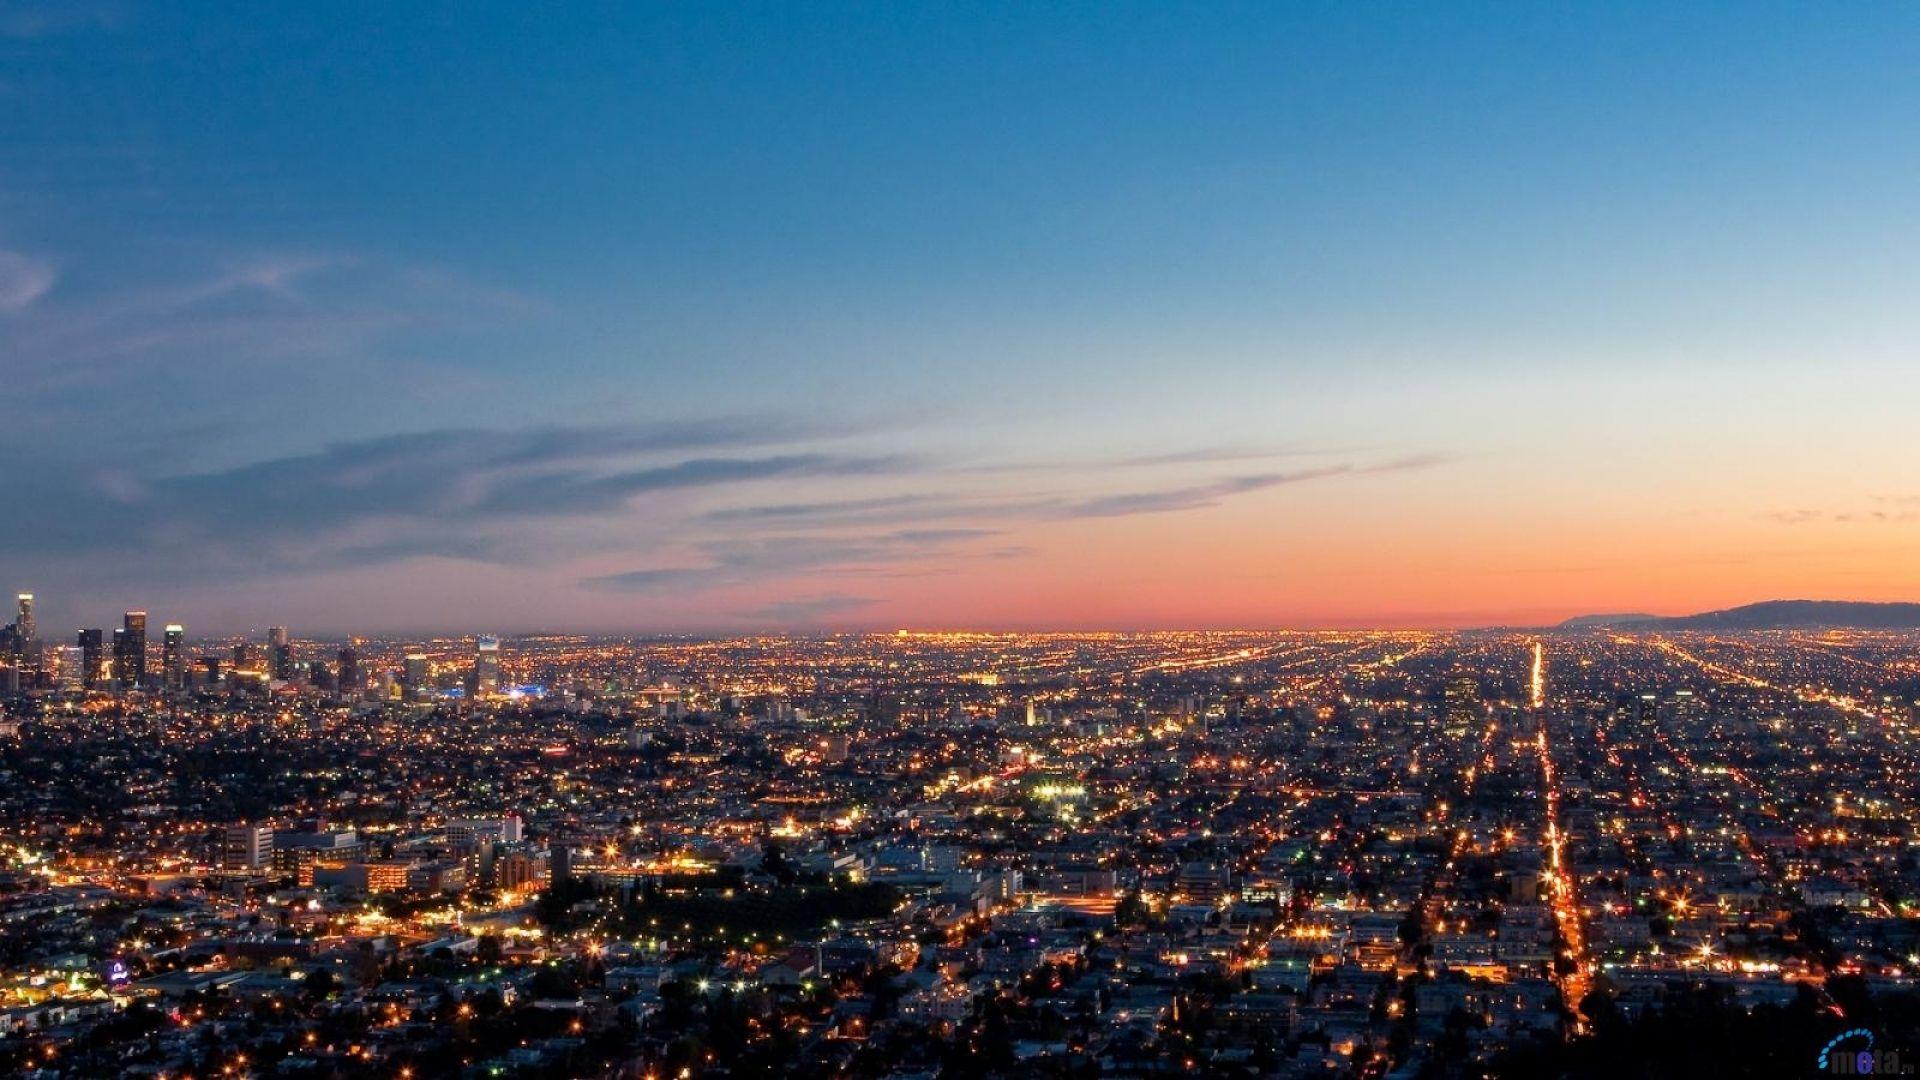 Los Angeles Desktop Wallpaper In 2020 Los Angeles Landscape Los Angeles Wallpaper Landscape